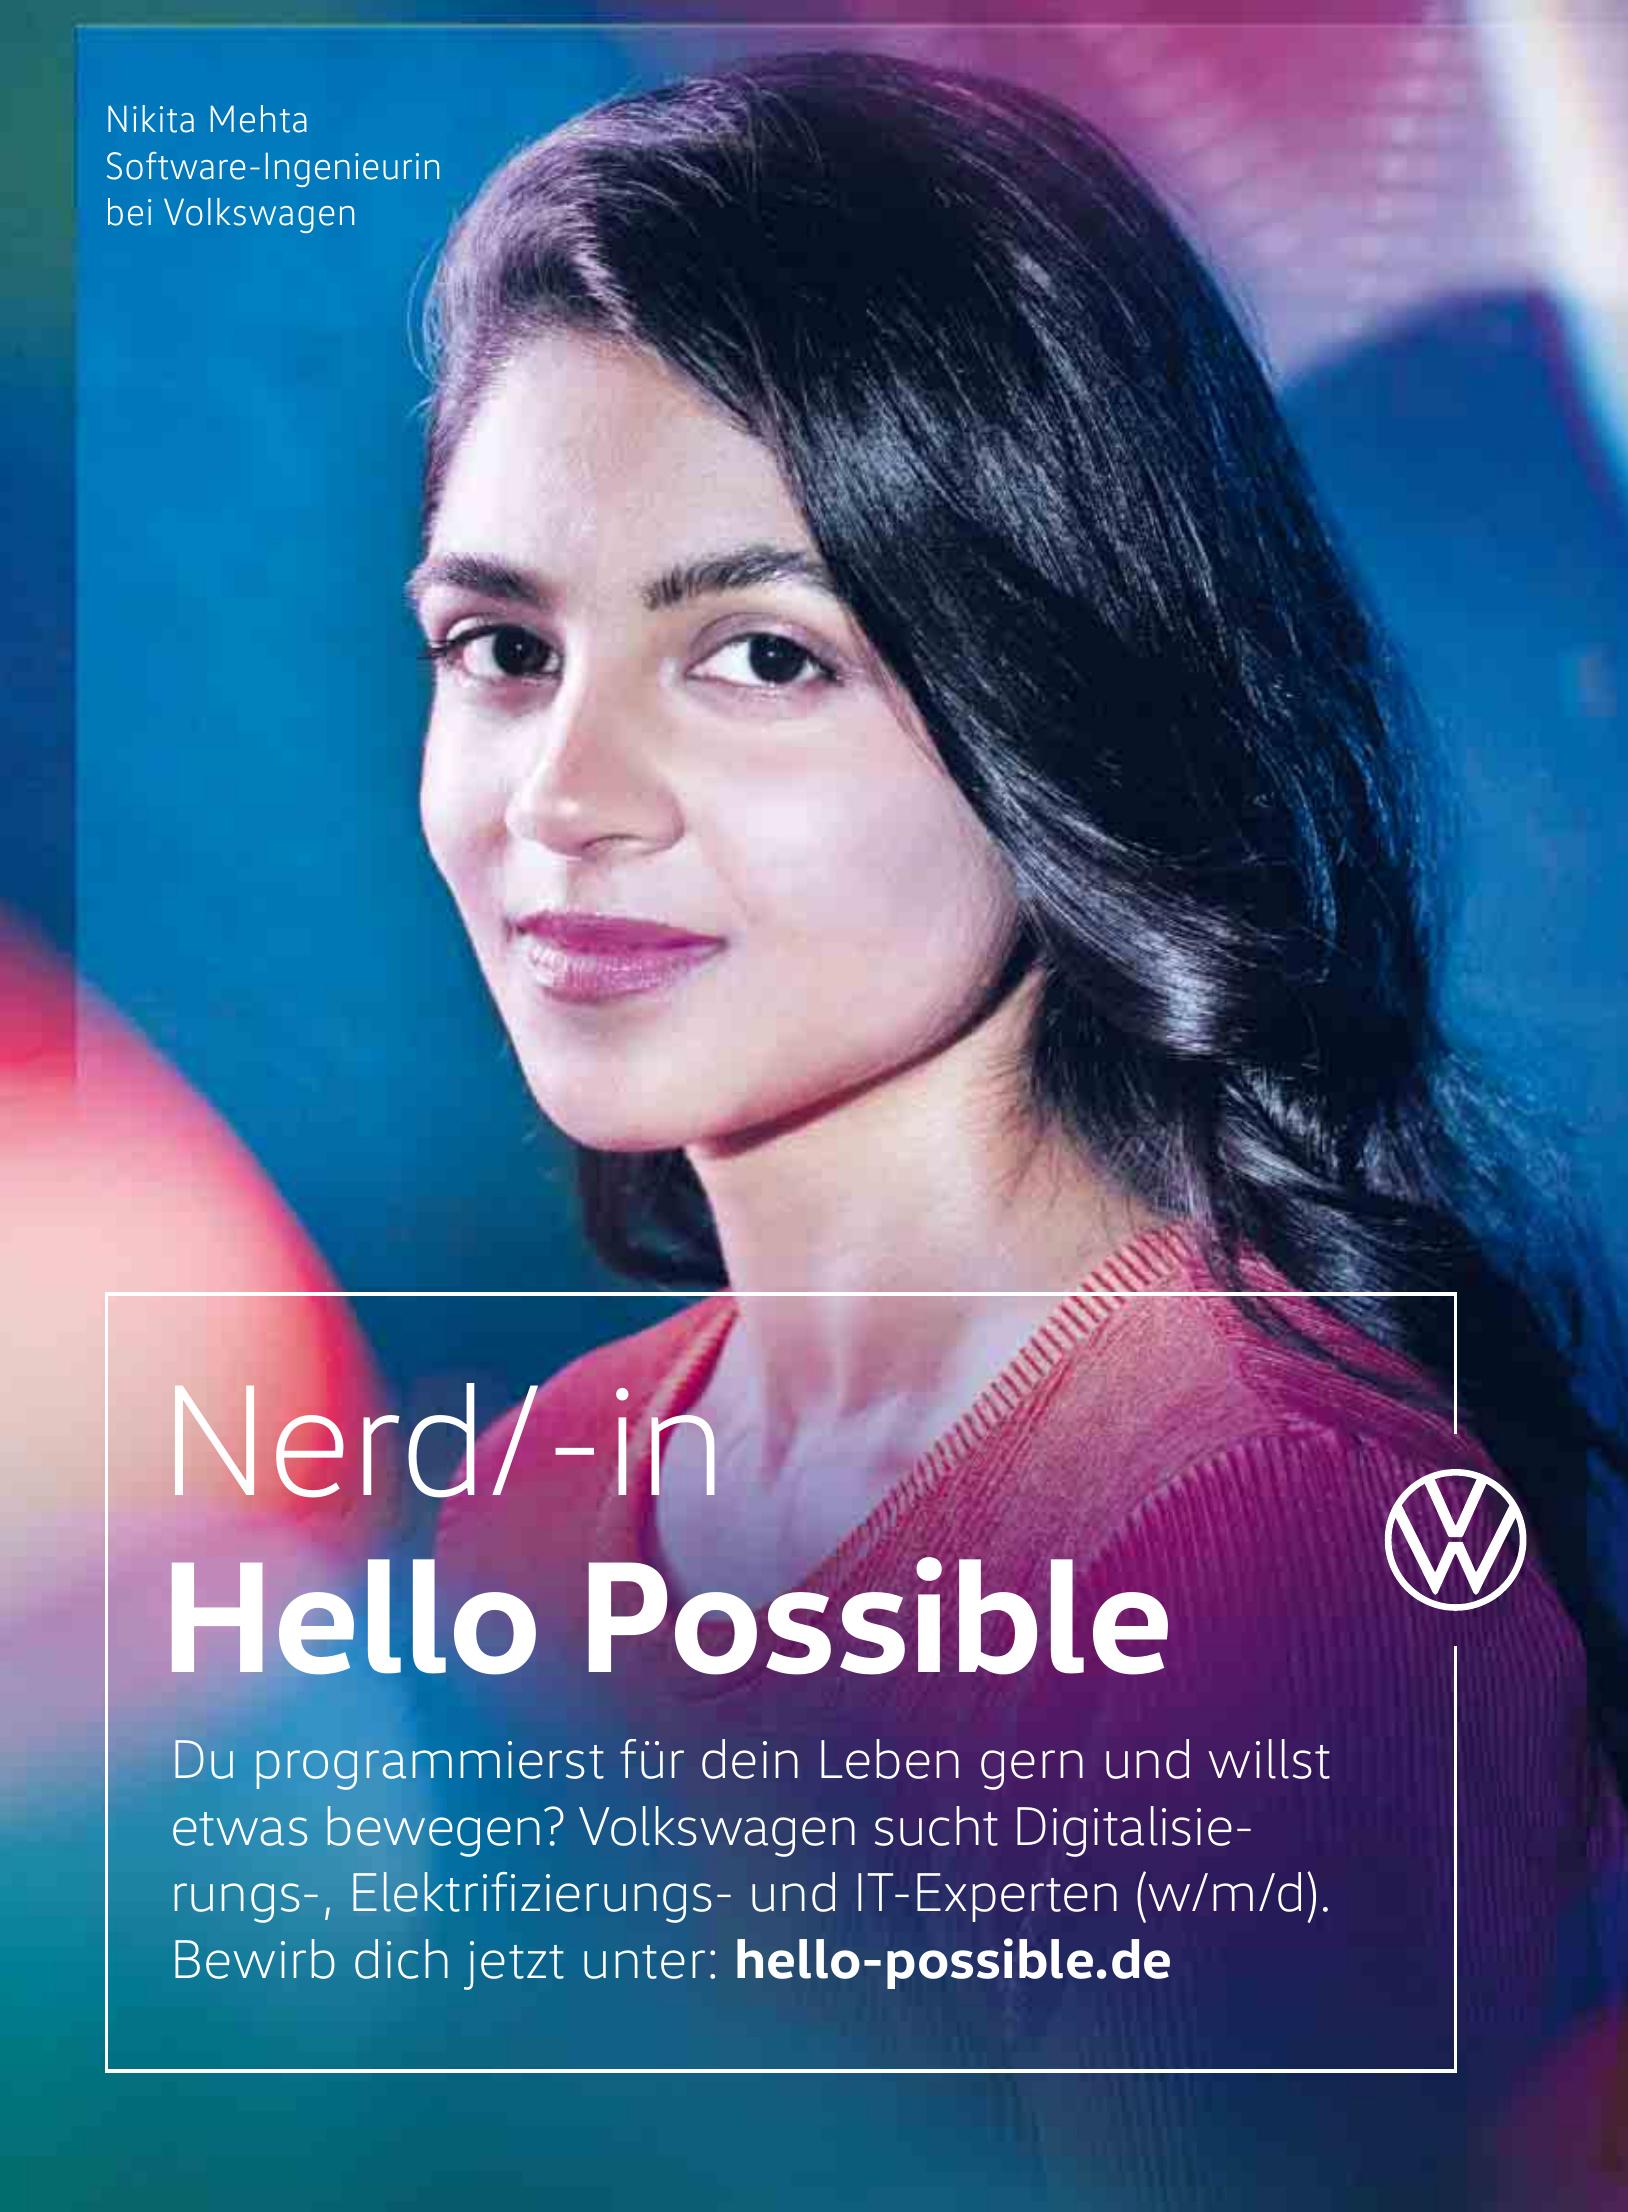 Volkswagen: Nerd/-in Hello Possible